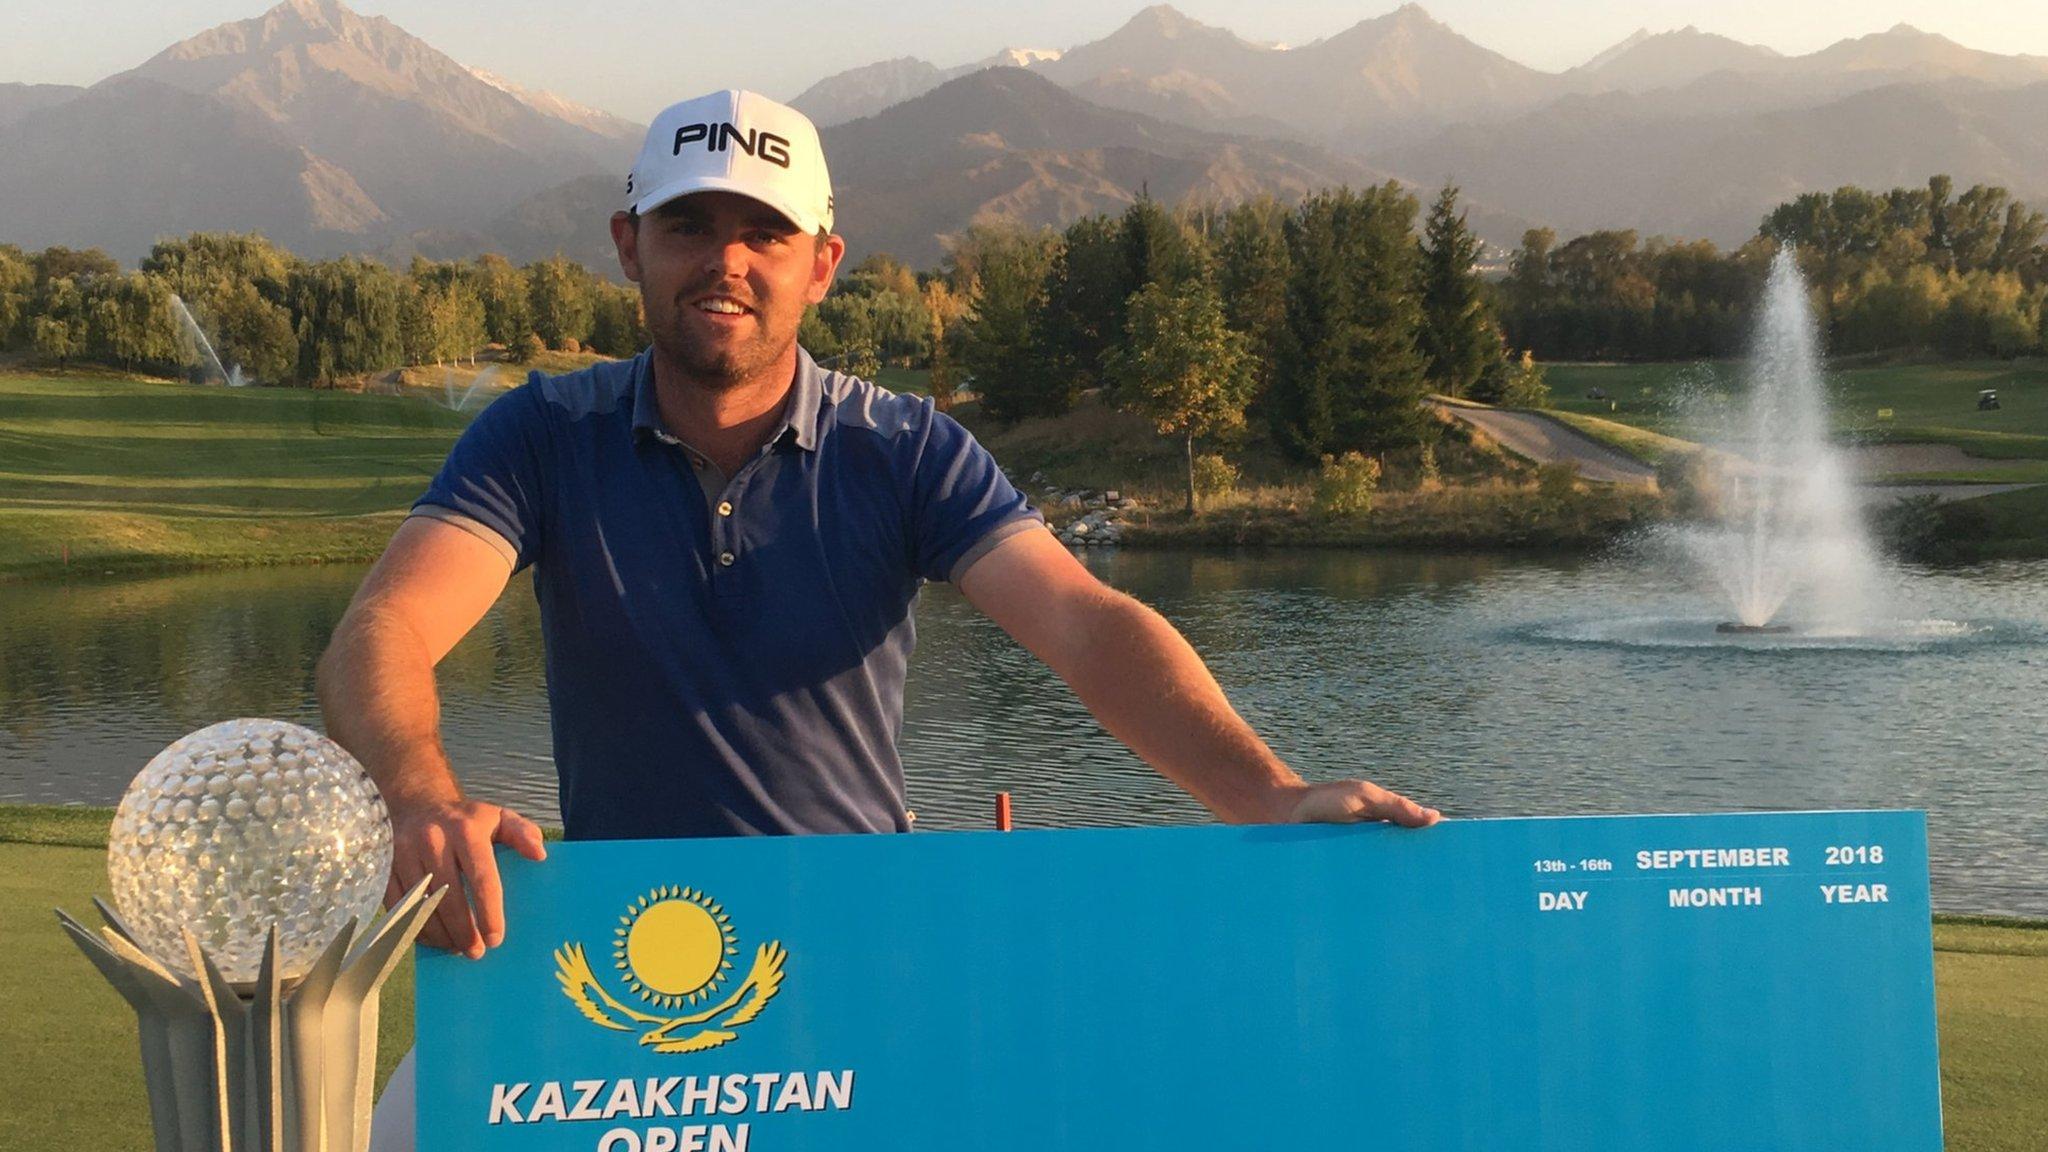 Scottish golfer Liam Johnston fulfils three-year plan in nine months